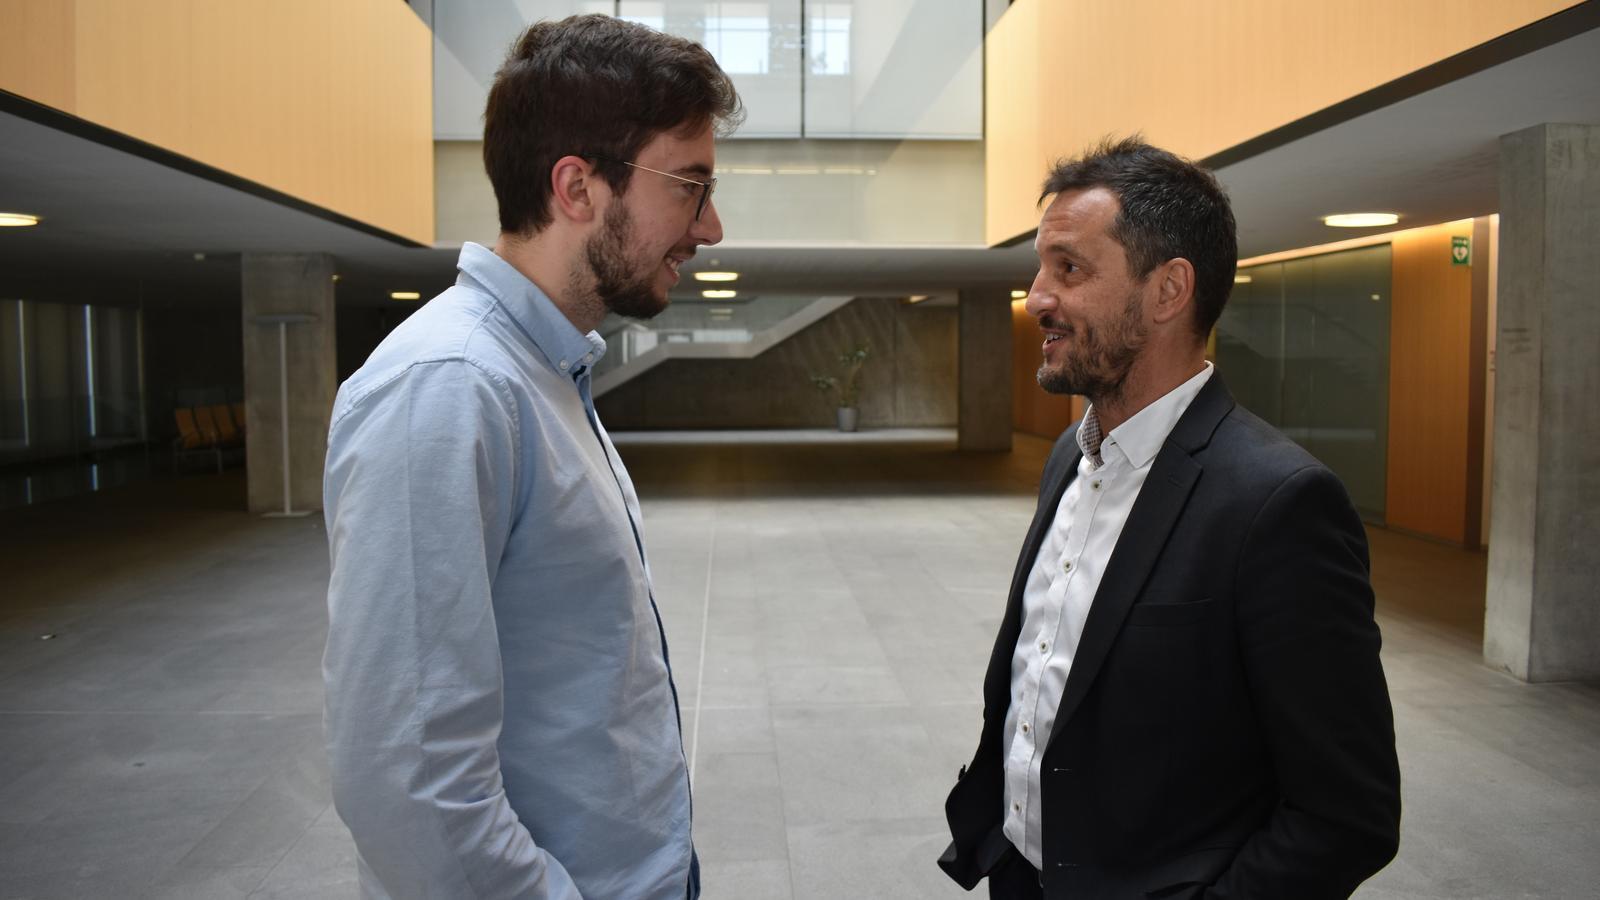 Roger Cassany i Pere López, membres del grup parlamentari socialdemòcrata al vestíbul del Consell General. / A.S.